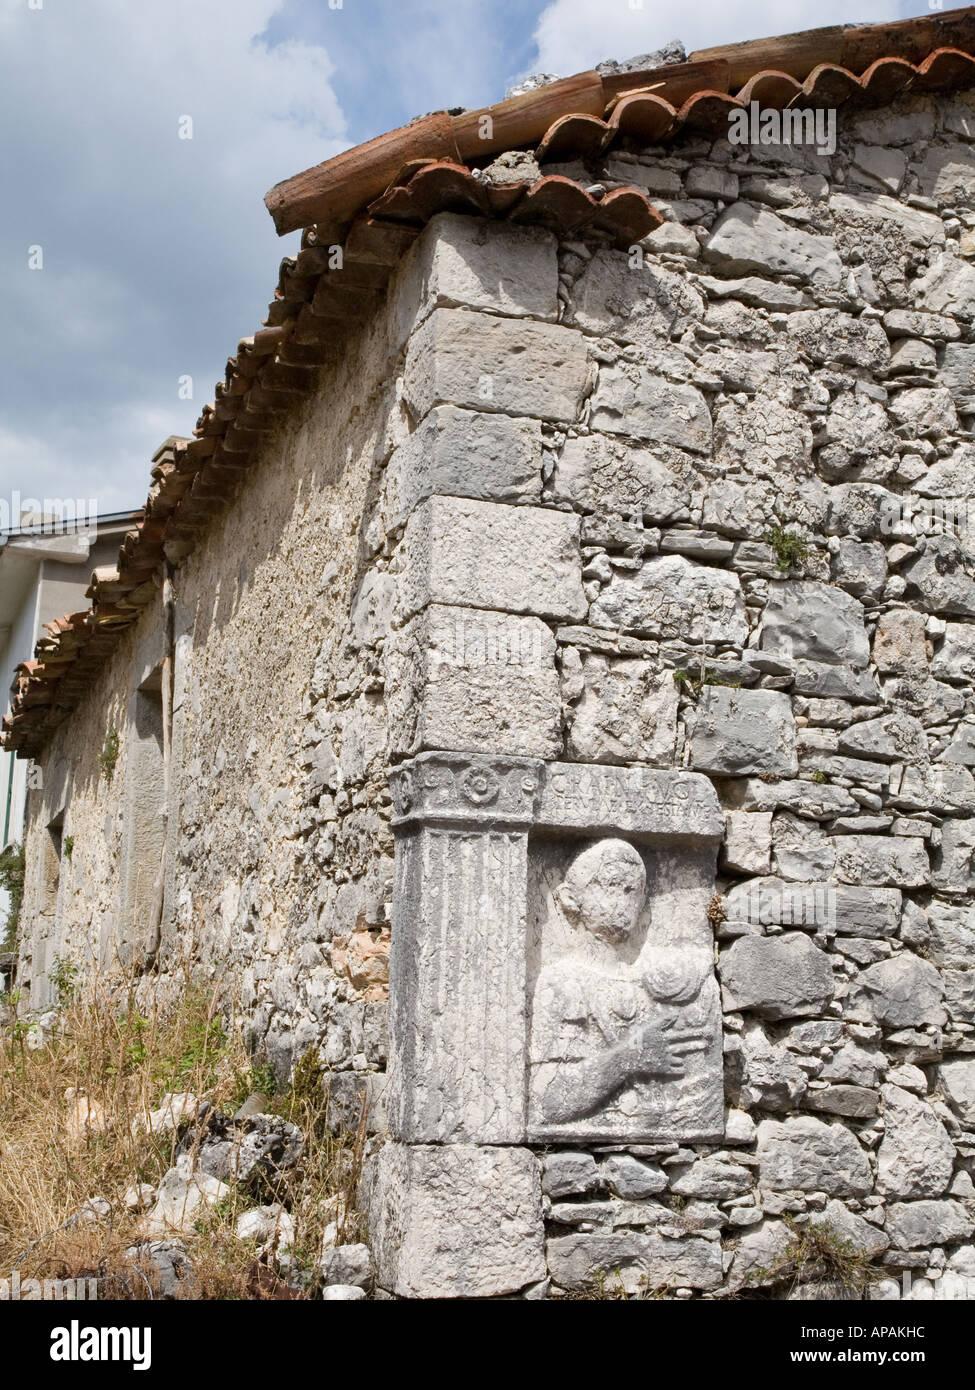 barn 312 roman